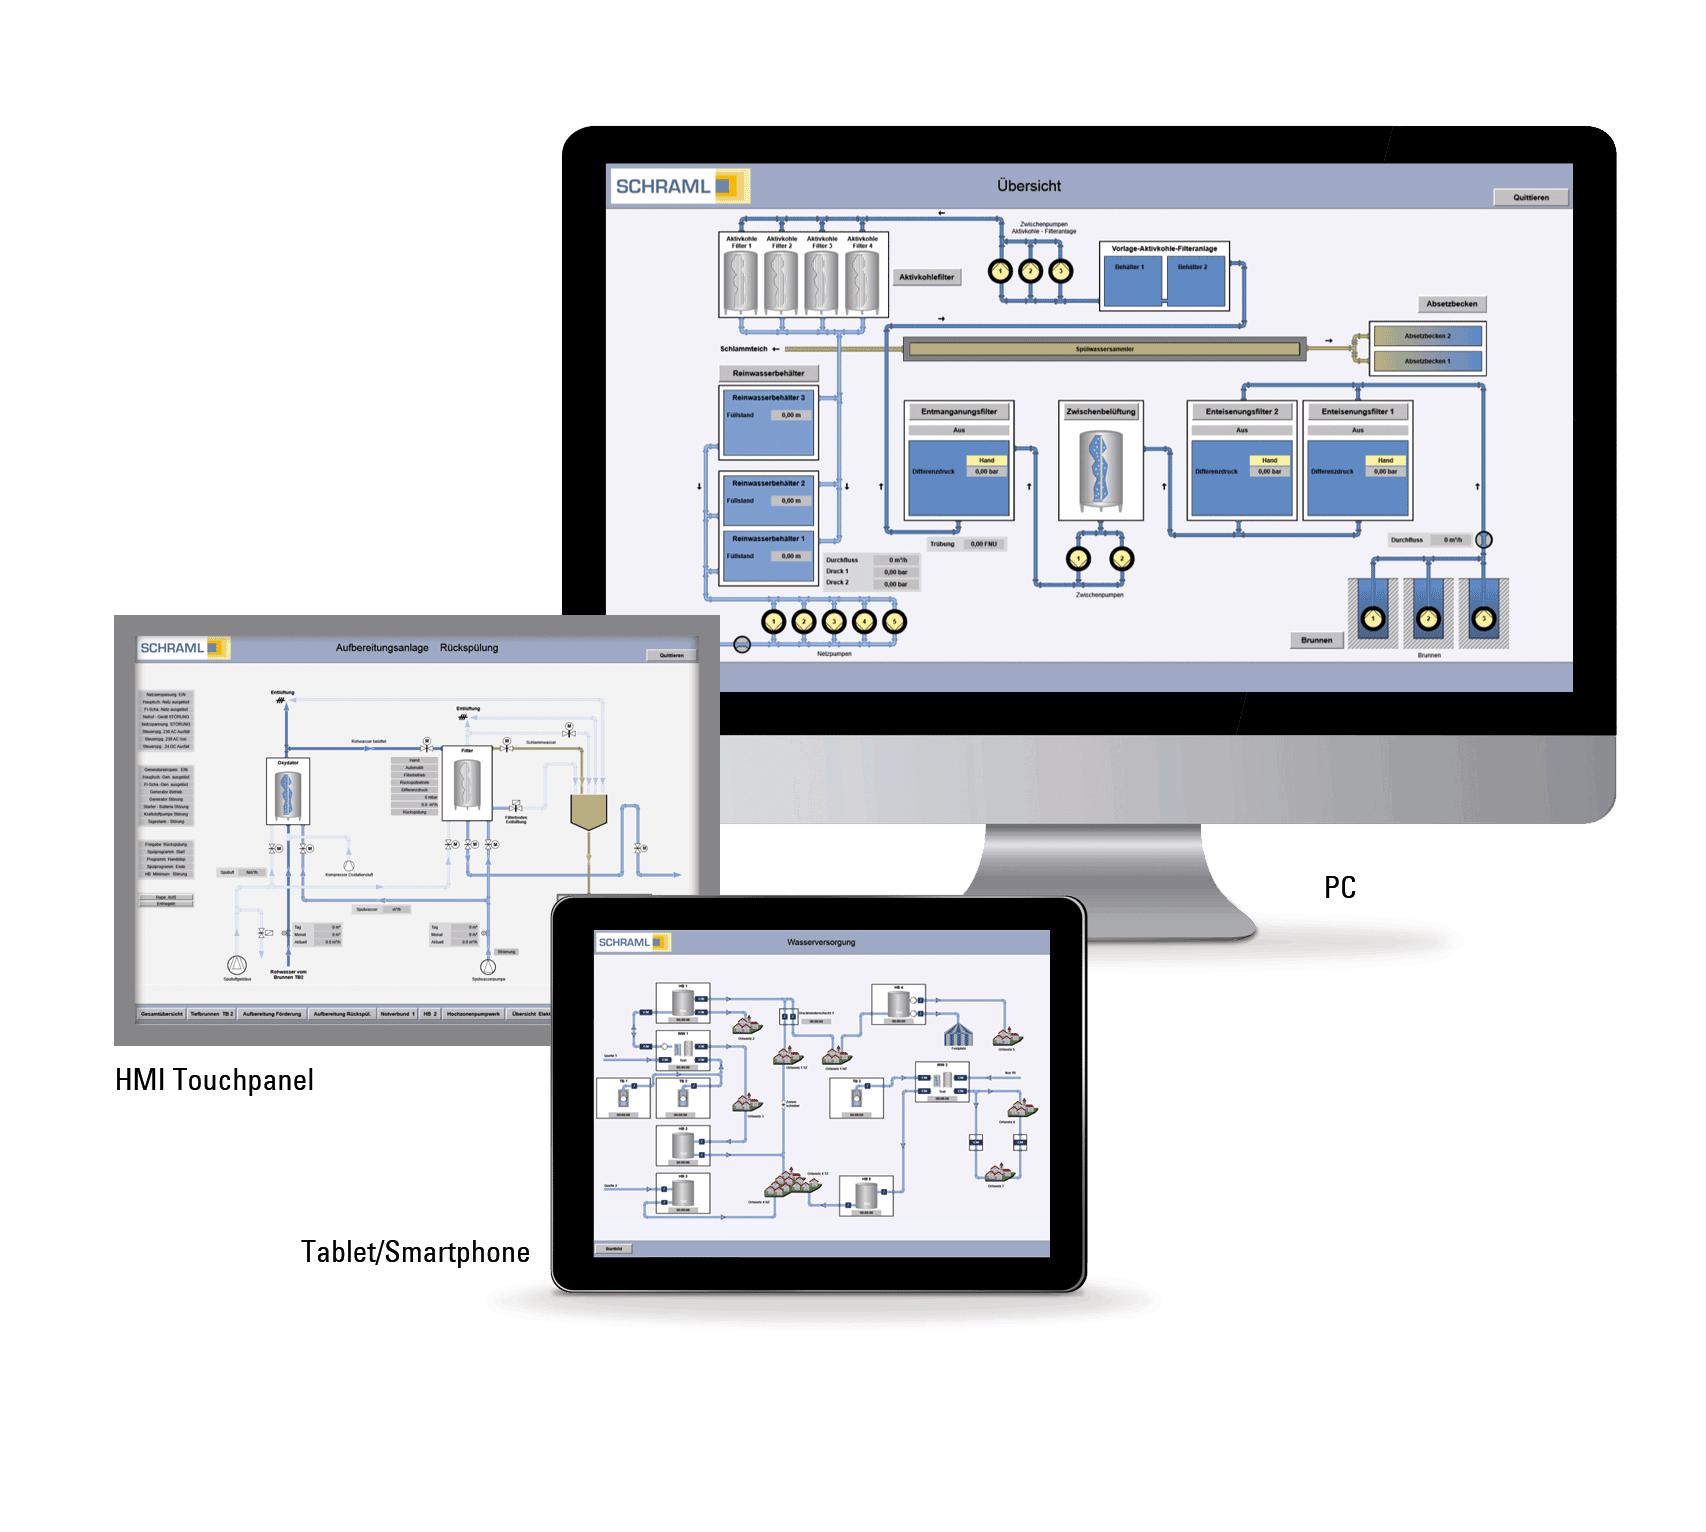 SCHRAML Prozessleitsystem auf PC HMI Touchpanel Tablet und Smartphone